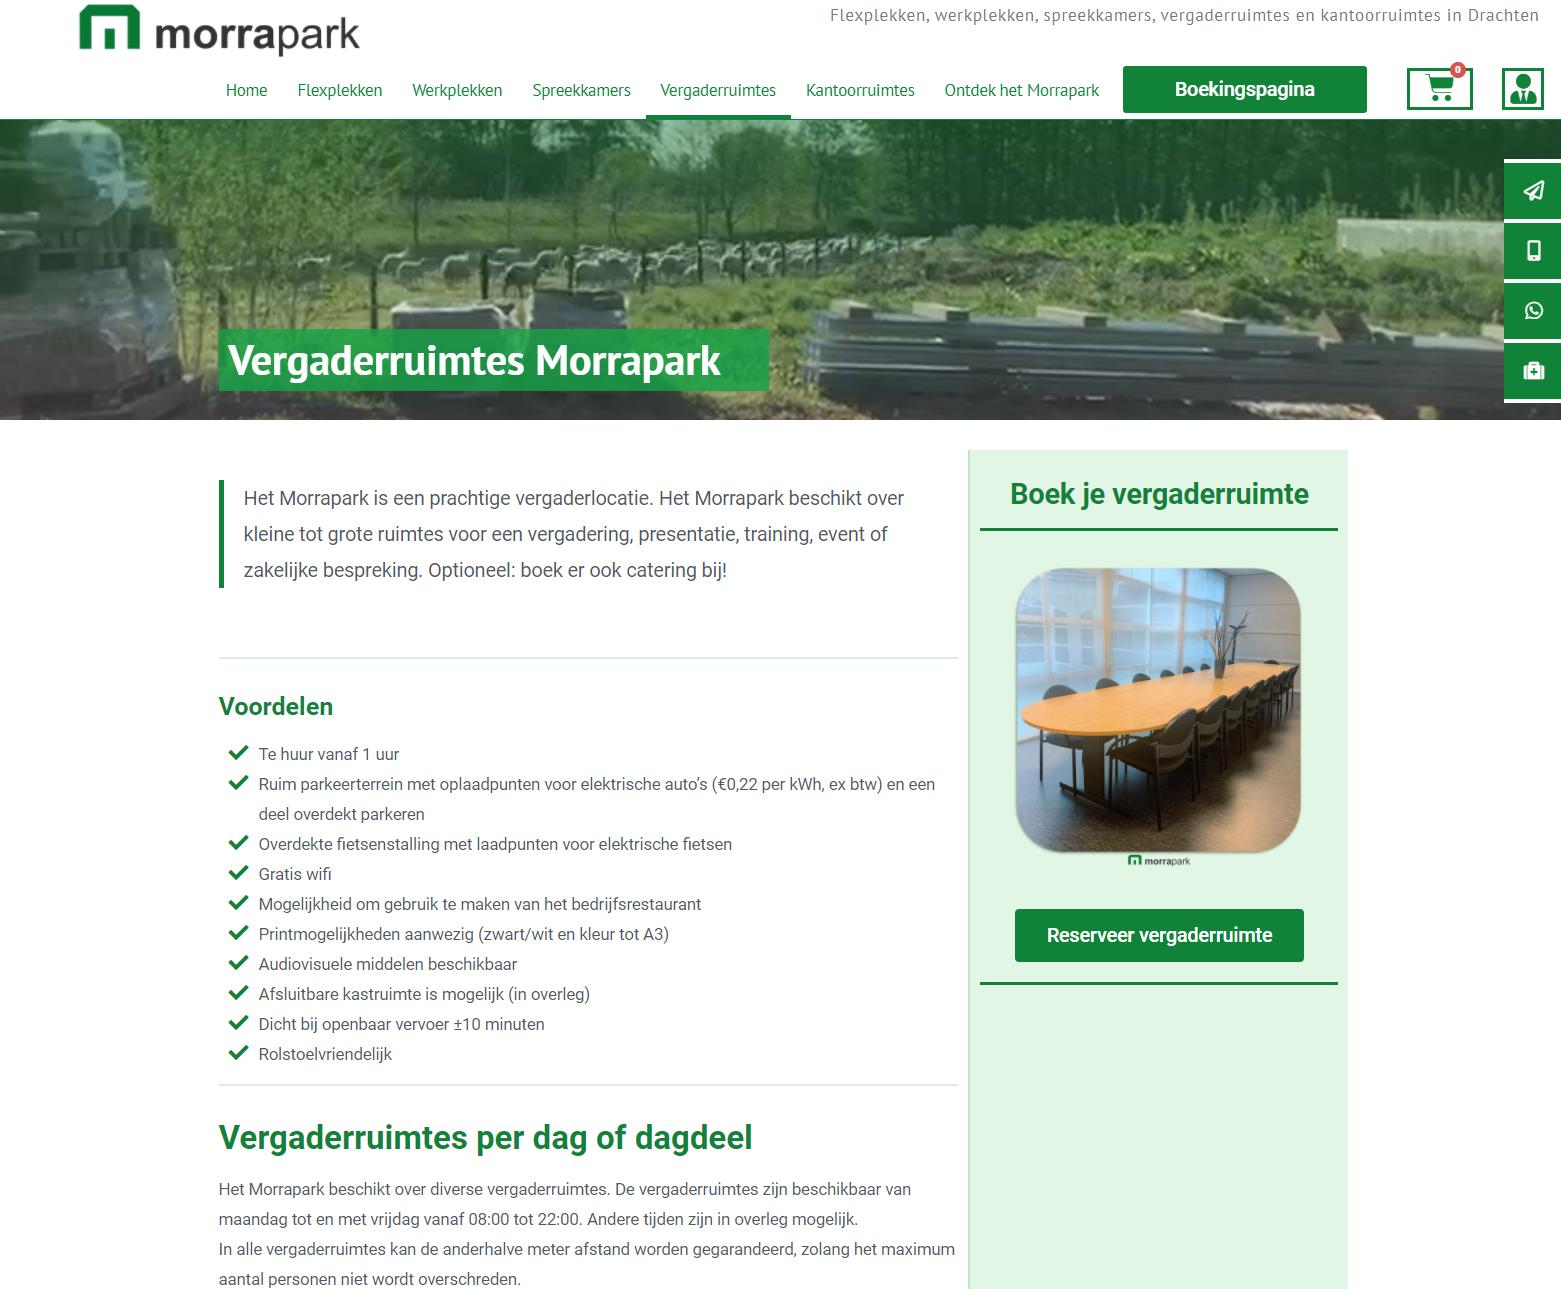 Morrapark vergaderruimtes website door Doeltreffend Online